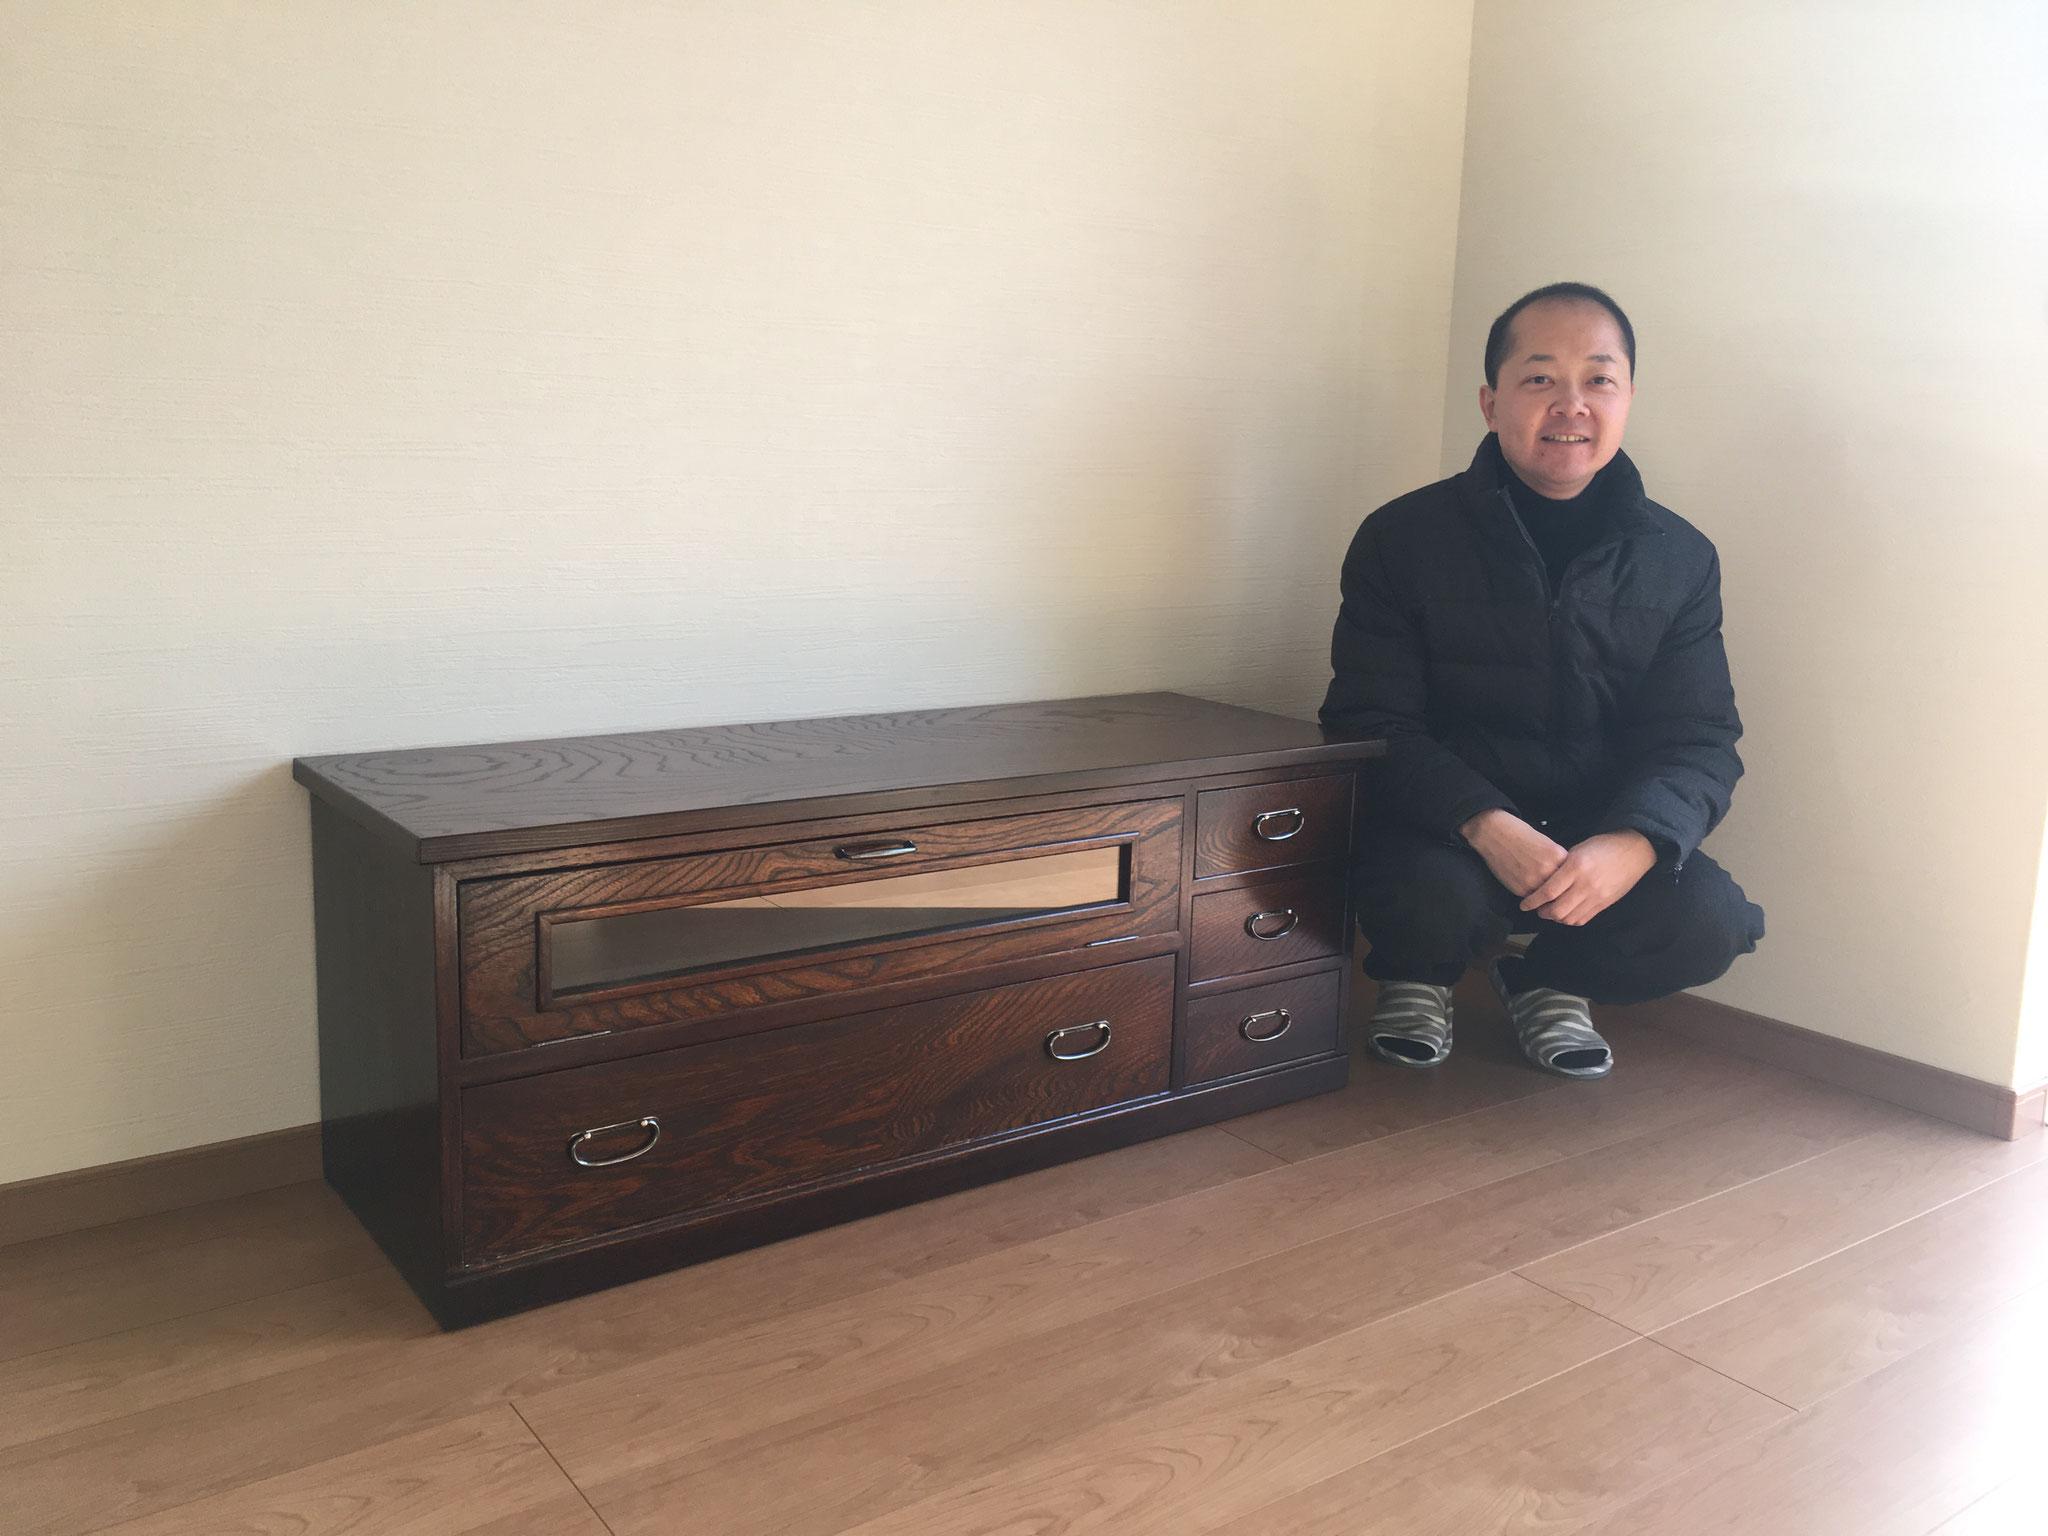 八百津町より桐たんすのリフォーム依頼を受けテレビ台として納品してきました。